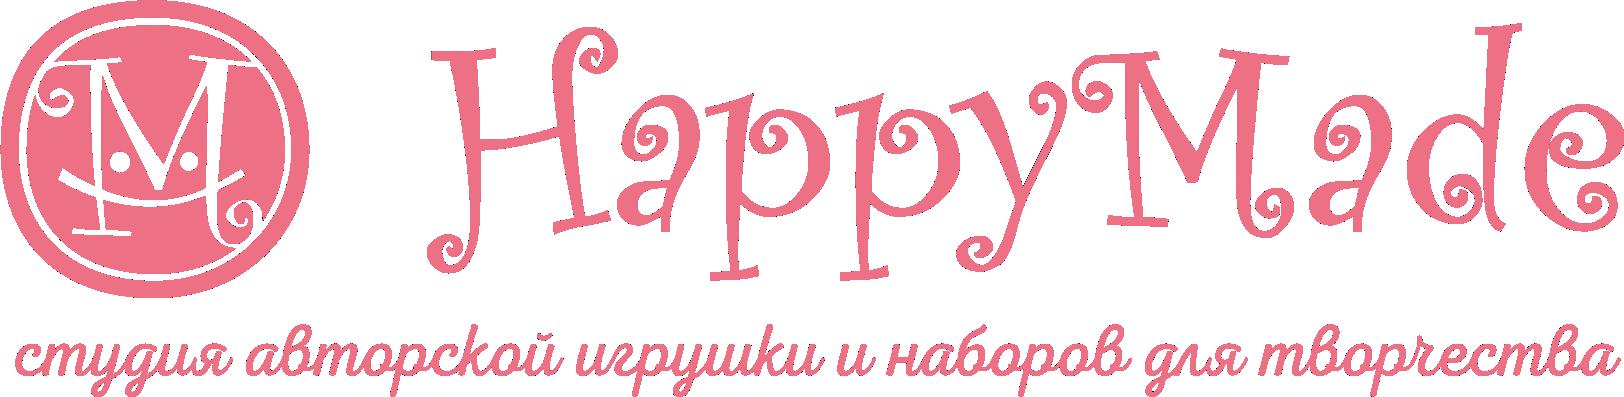 Студия авторской игрушки Happy Made